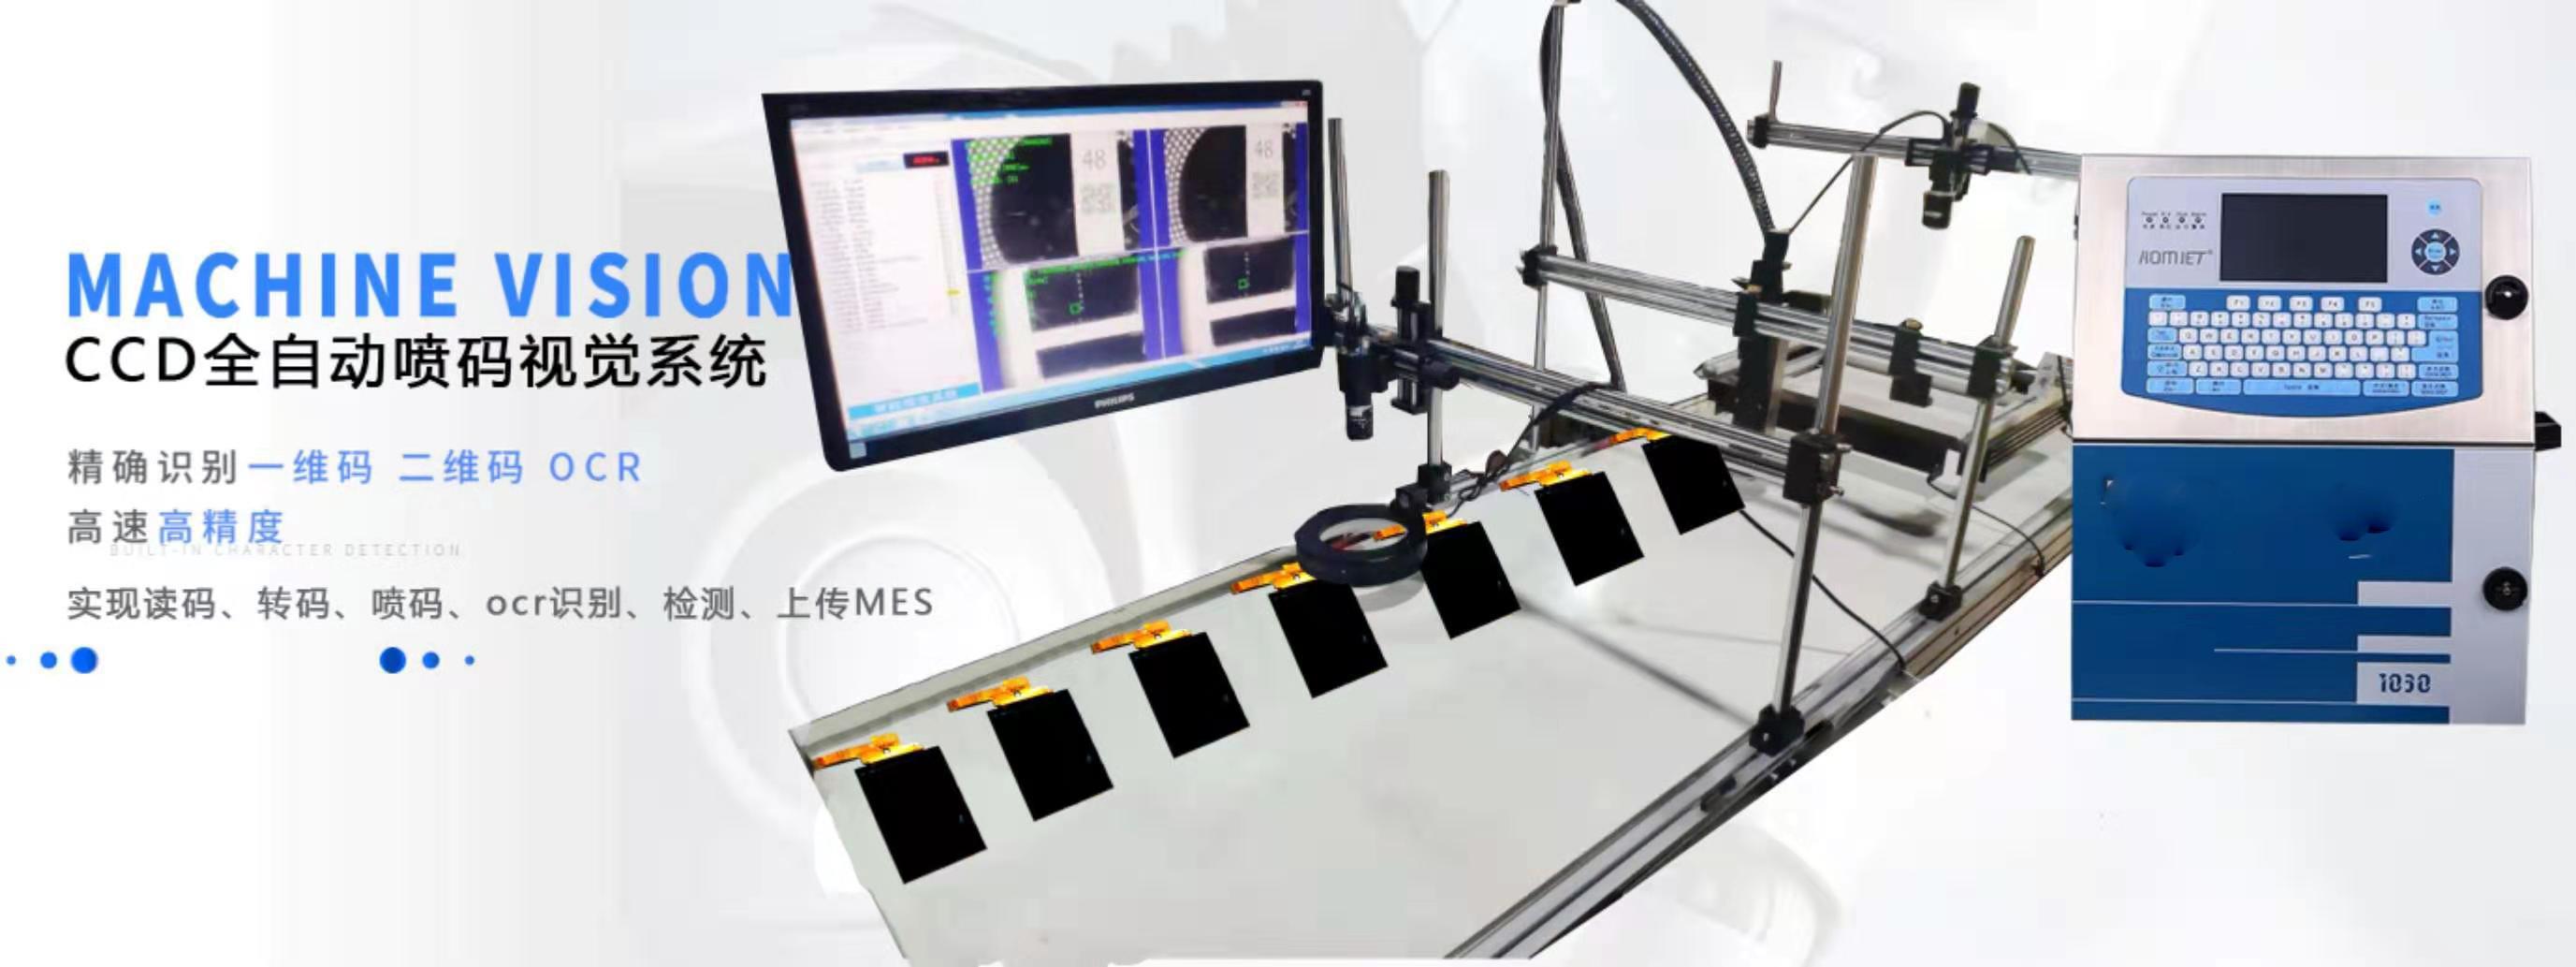 机器视觉在喷码行业的视觉应用